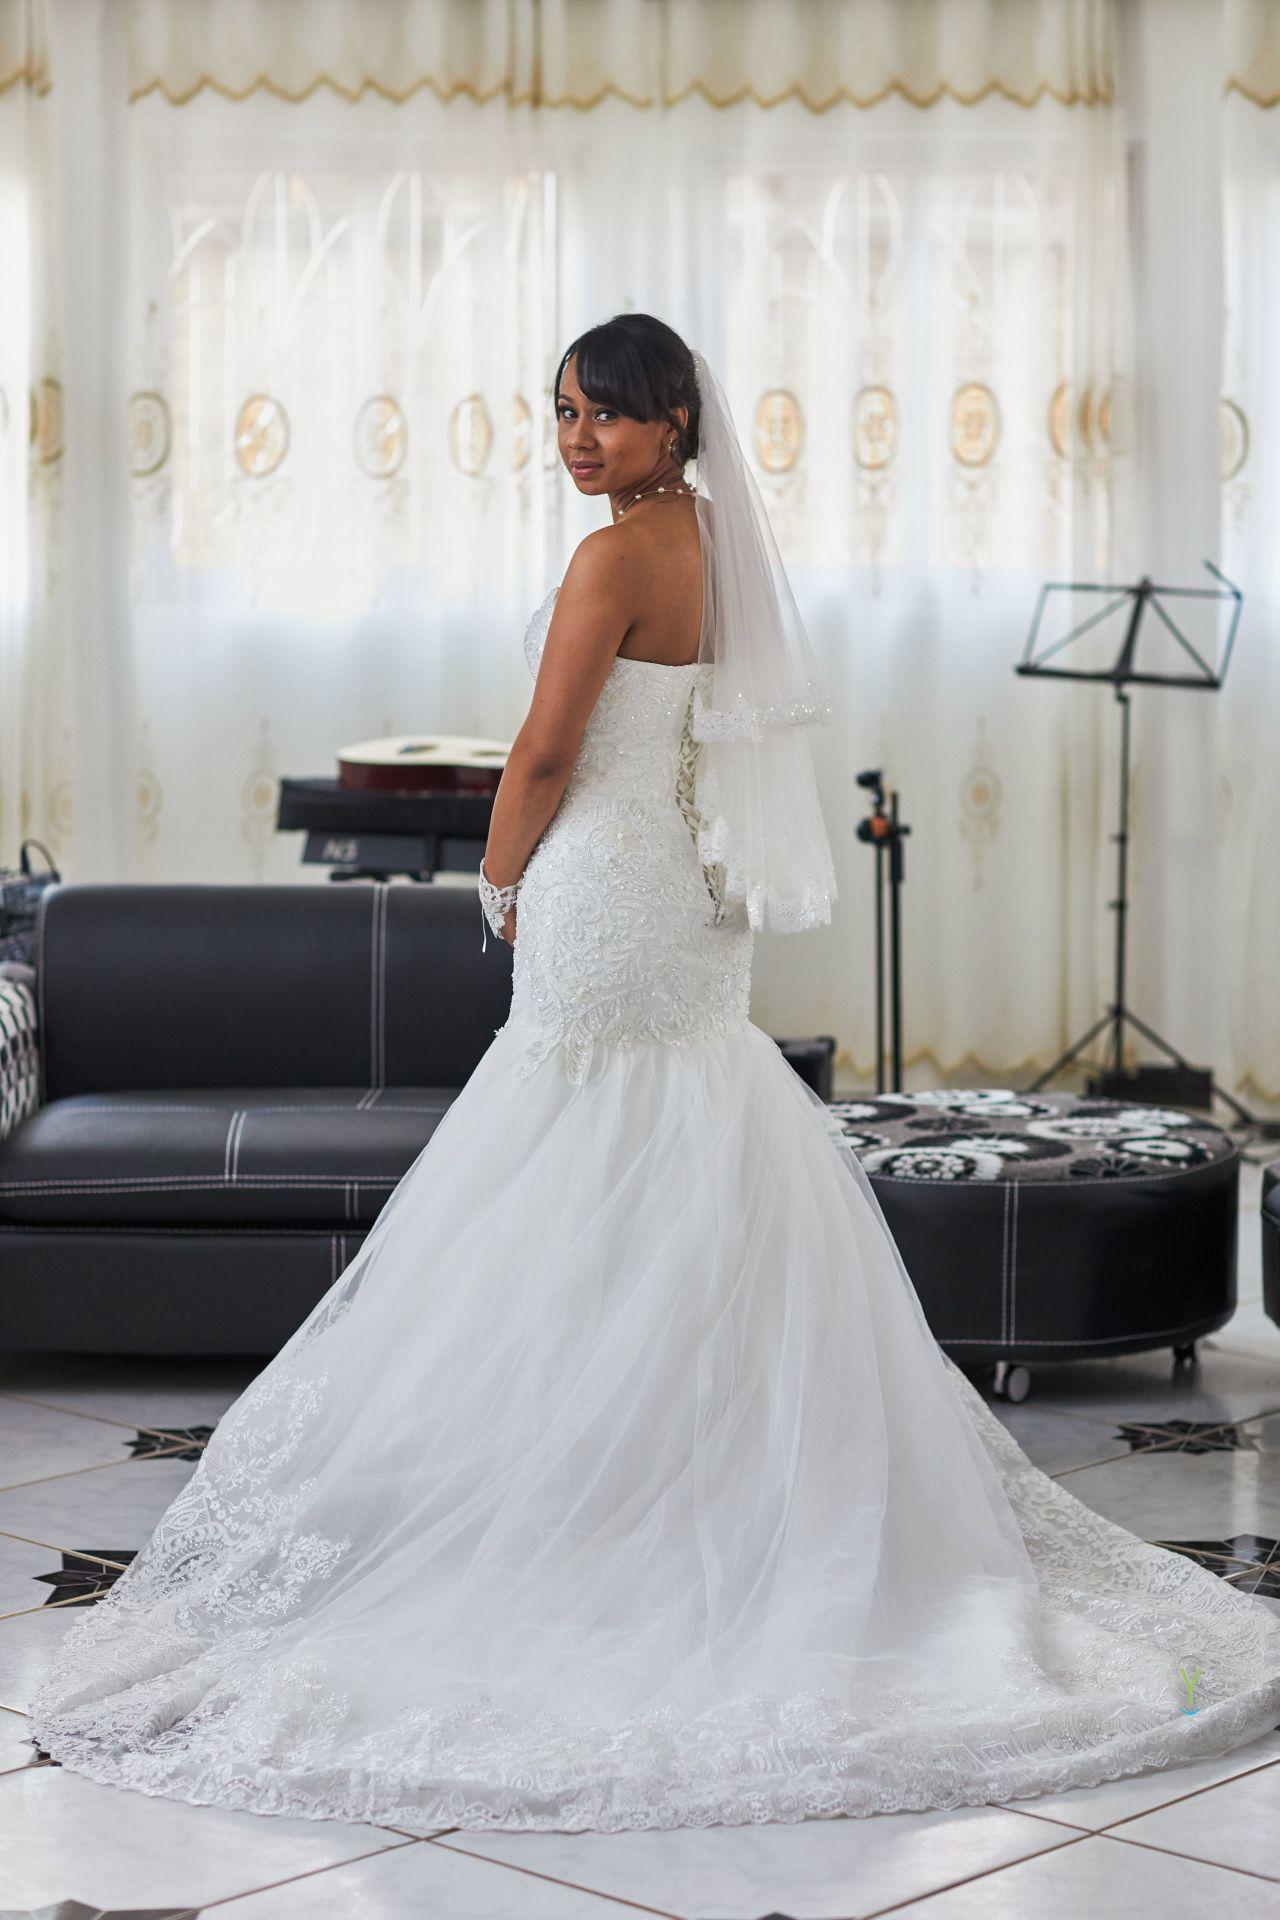 0075_Mariage_Tojo_Tandrify_18-08-04 7 clichés importants durant les préparatifs de la mariée